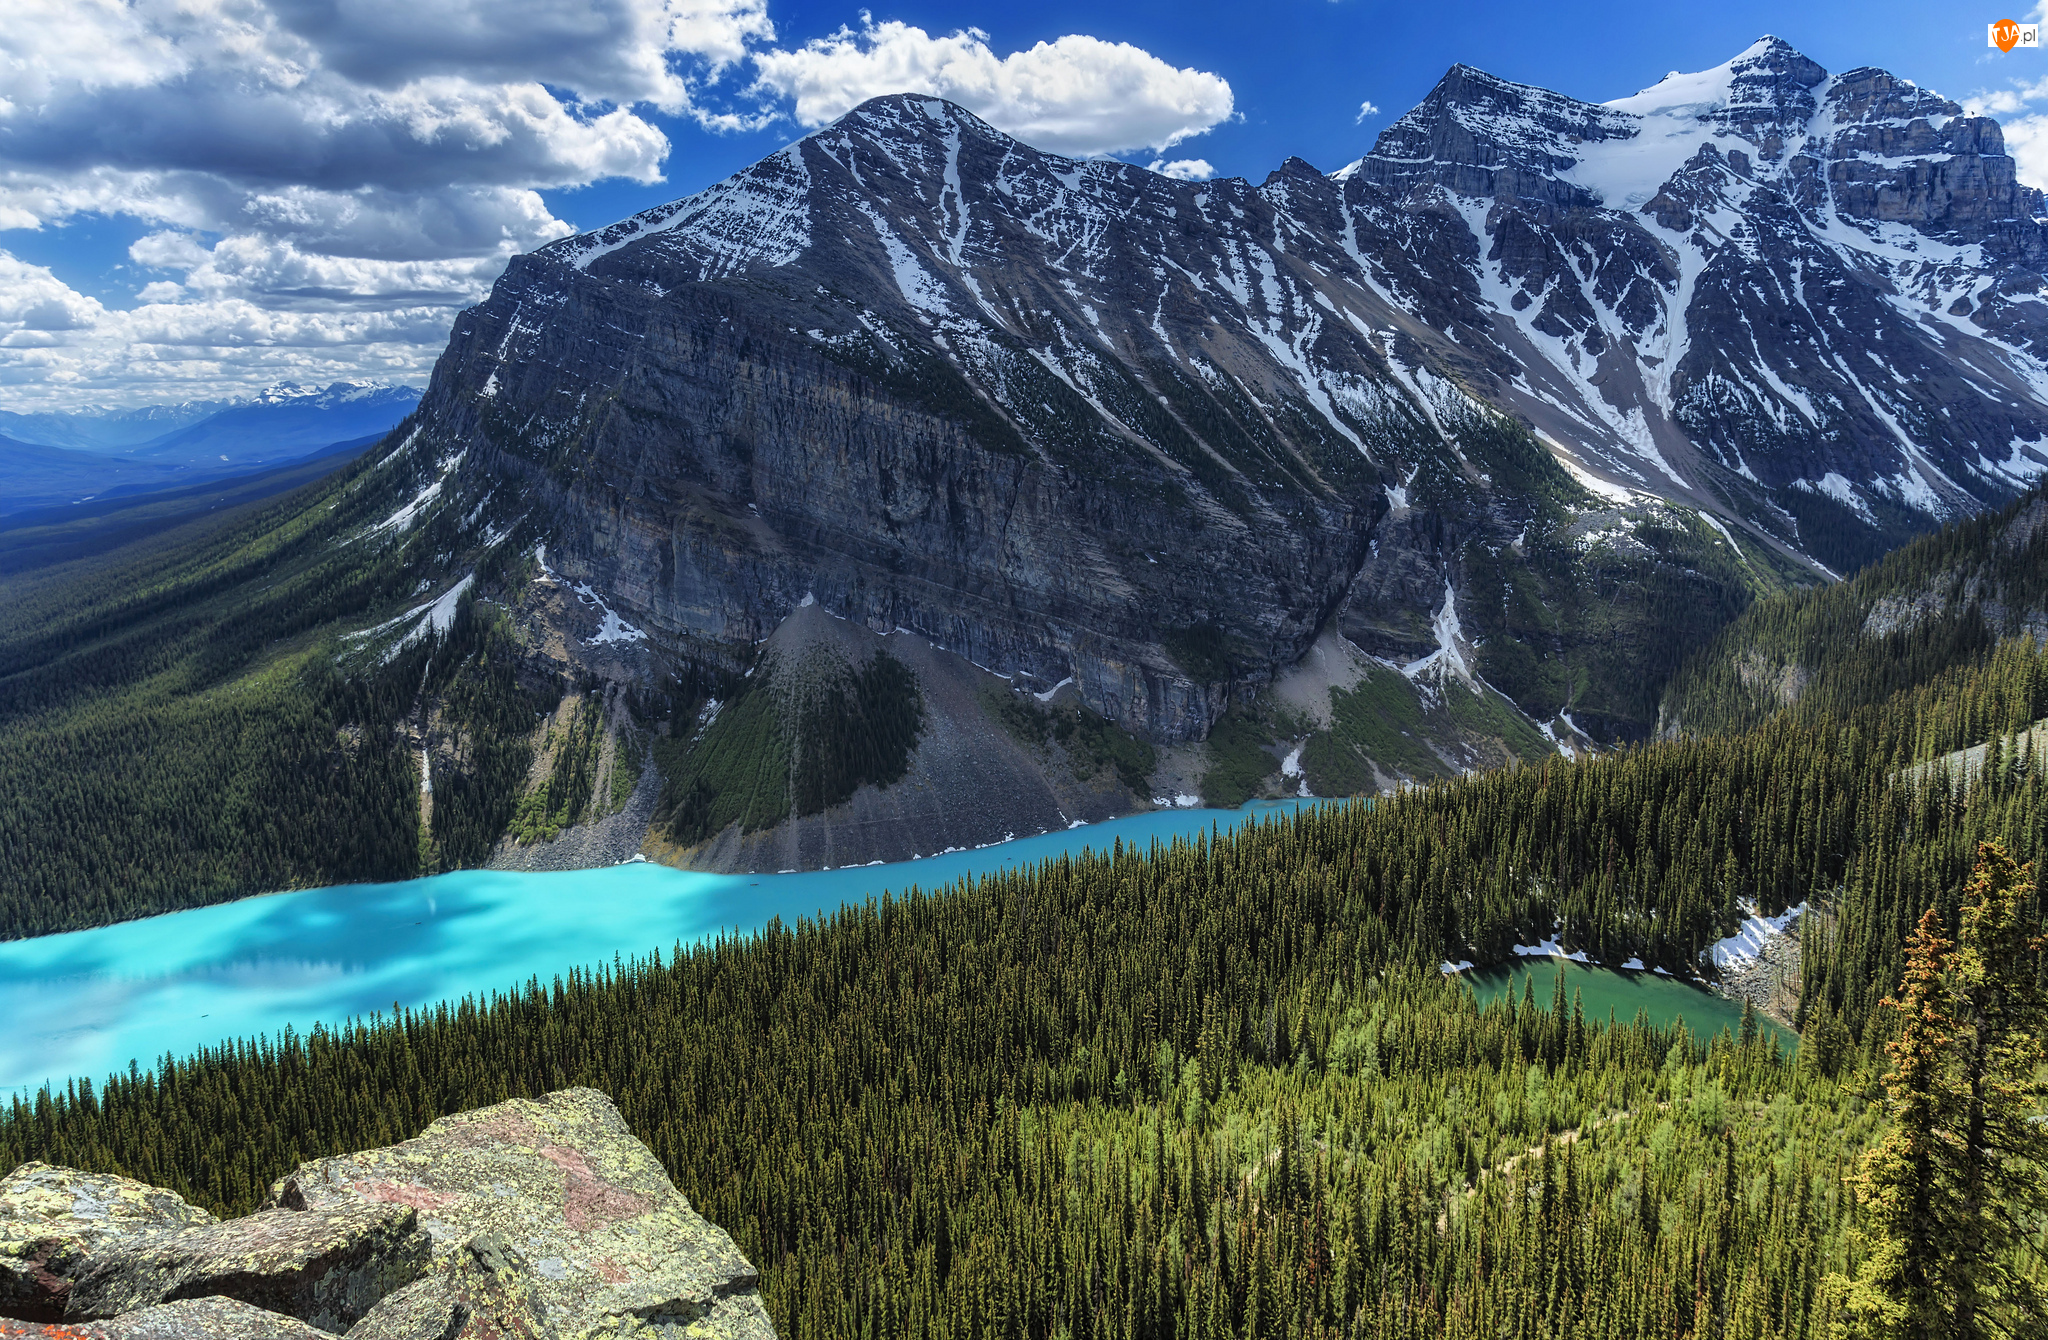 Kanada, Góry, Prowincja Alberta, Drzewa, Chmury, Fairview Mountain, Jezioro, Park Narodowy Banff, Lake Louise